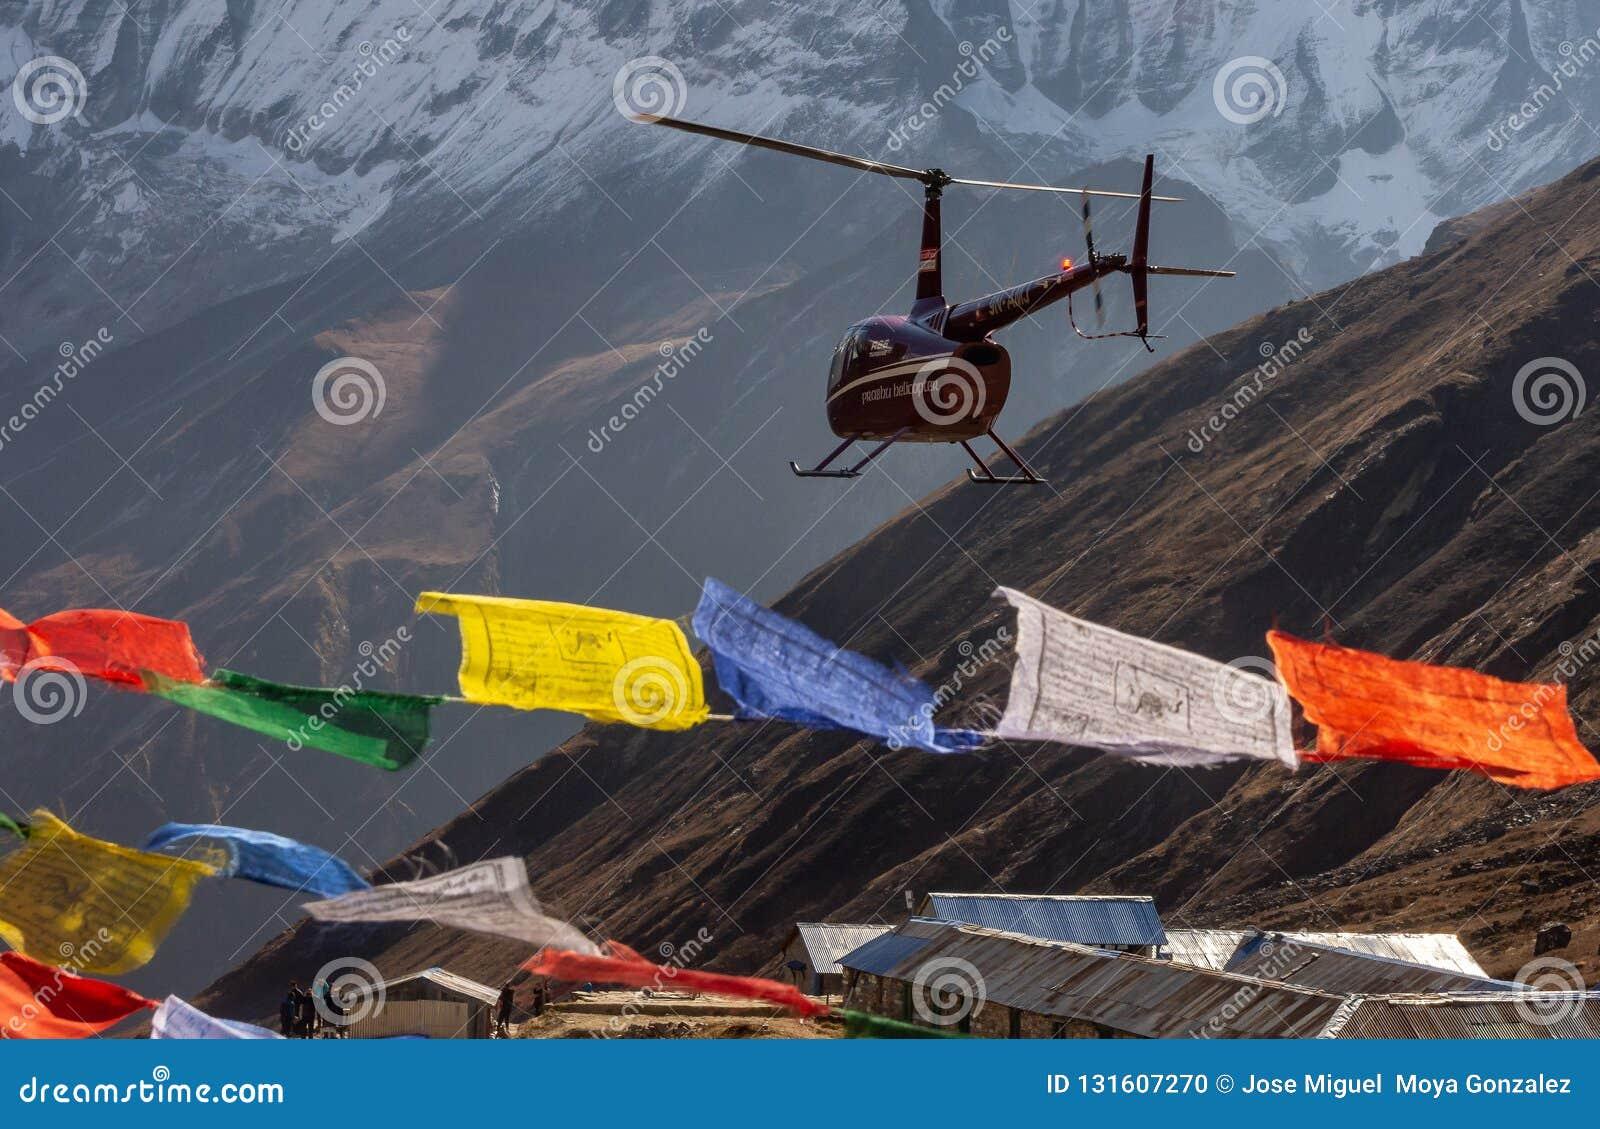 Ελικόπτερο και ζωηρόχρωμες θιβετιανές σημαίες προσευχής στο στρατόπεδο βάσεων Annapurna, Ιμαλάια